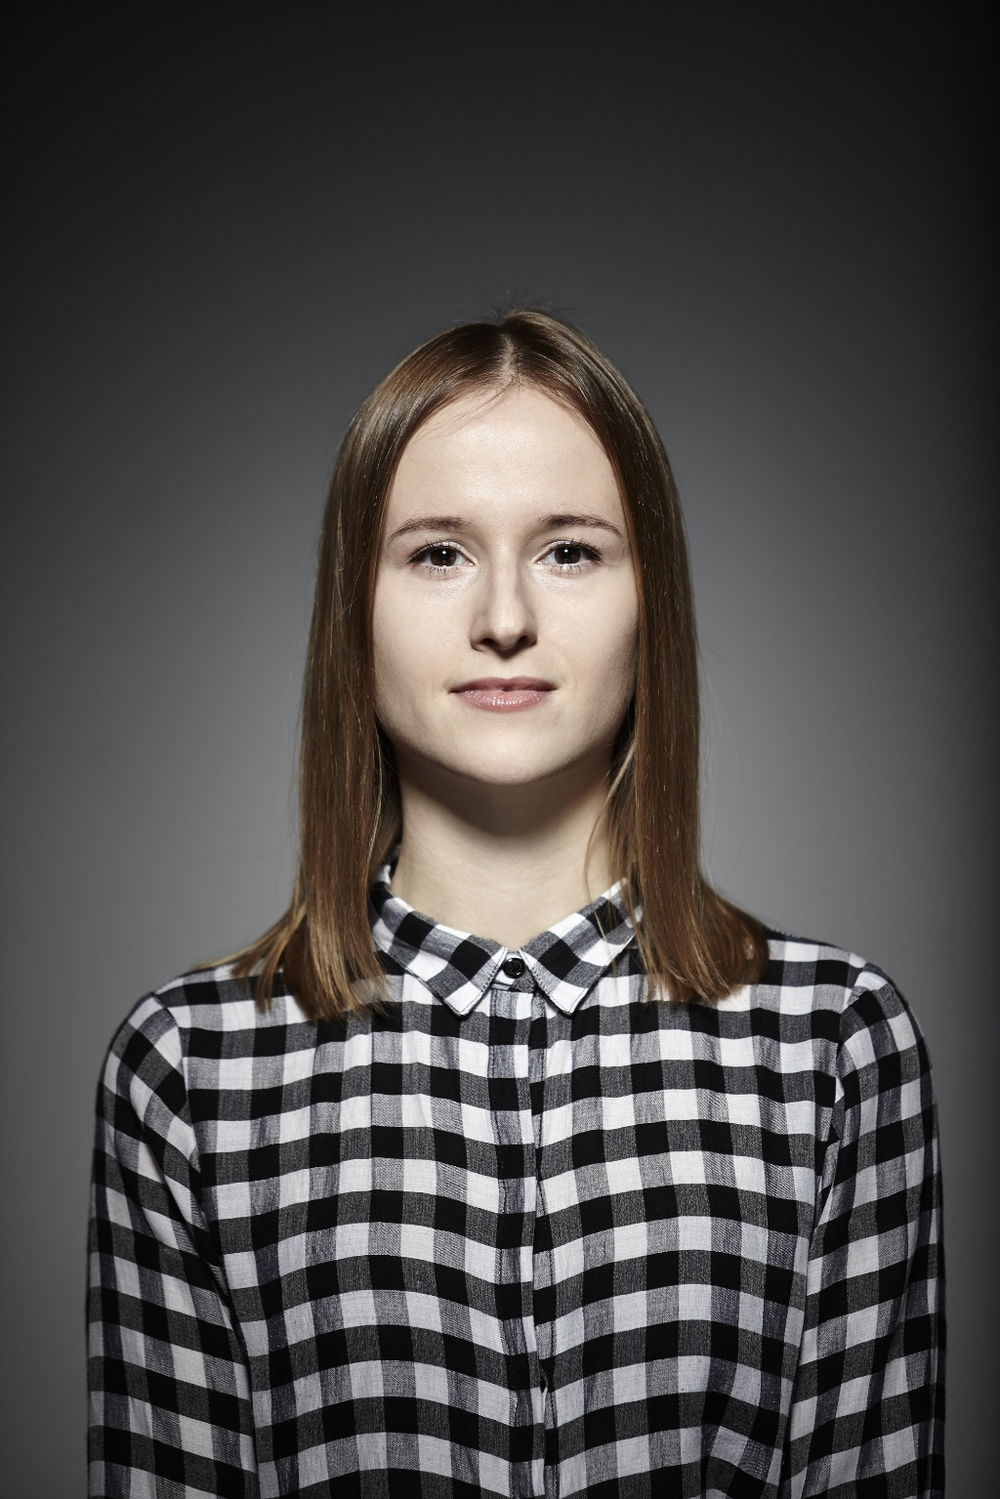 Ewa Juszkiewicz, portrait by Marci Gierat